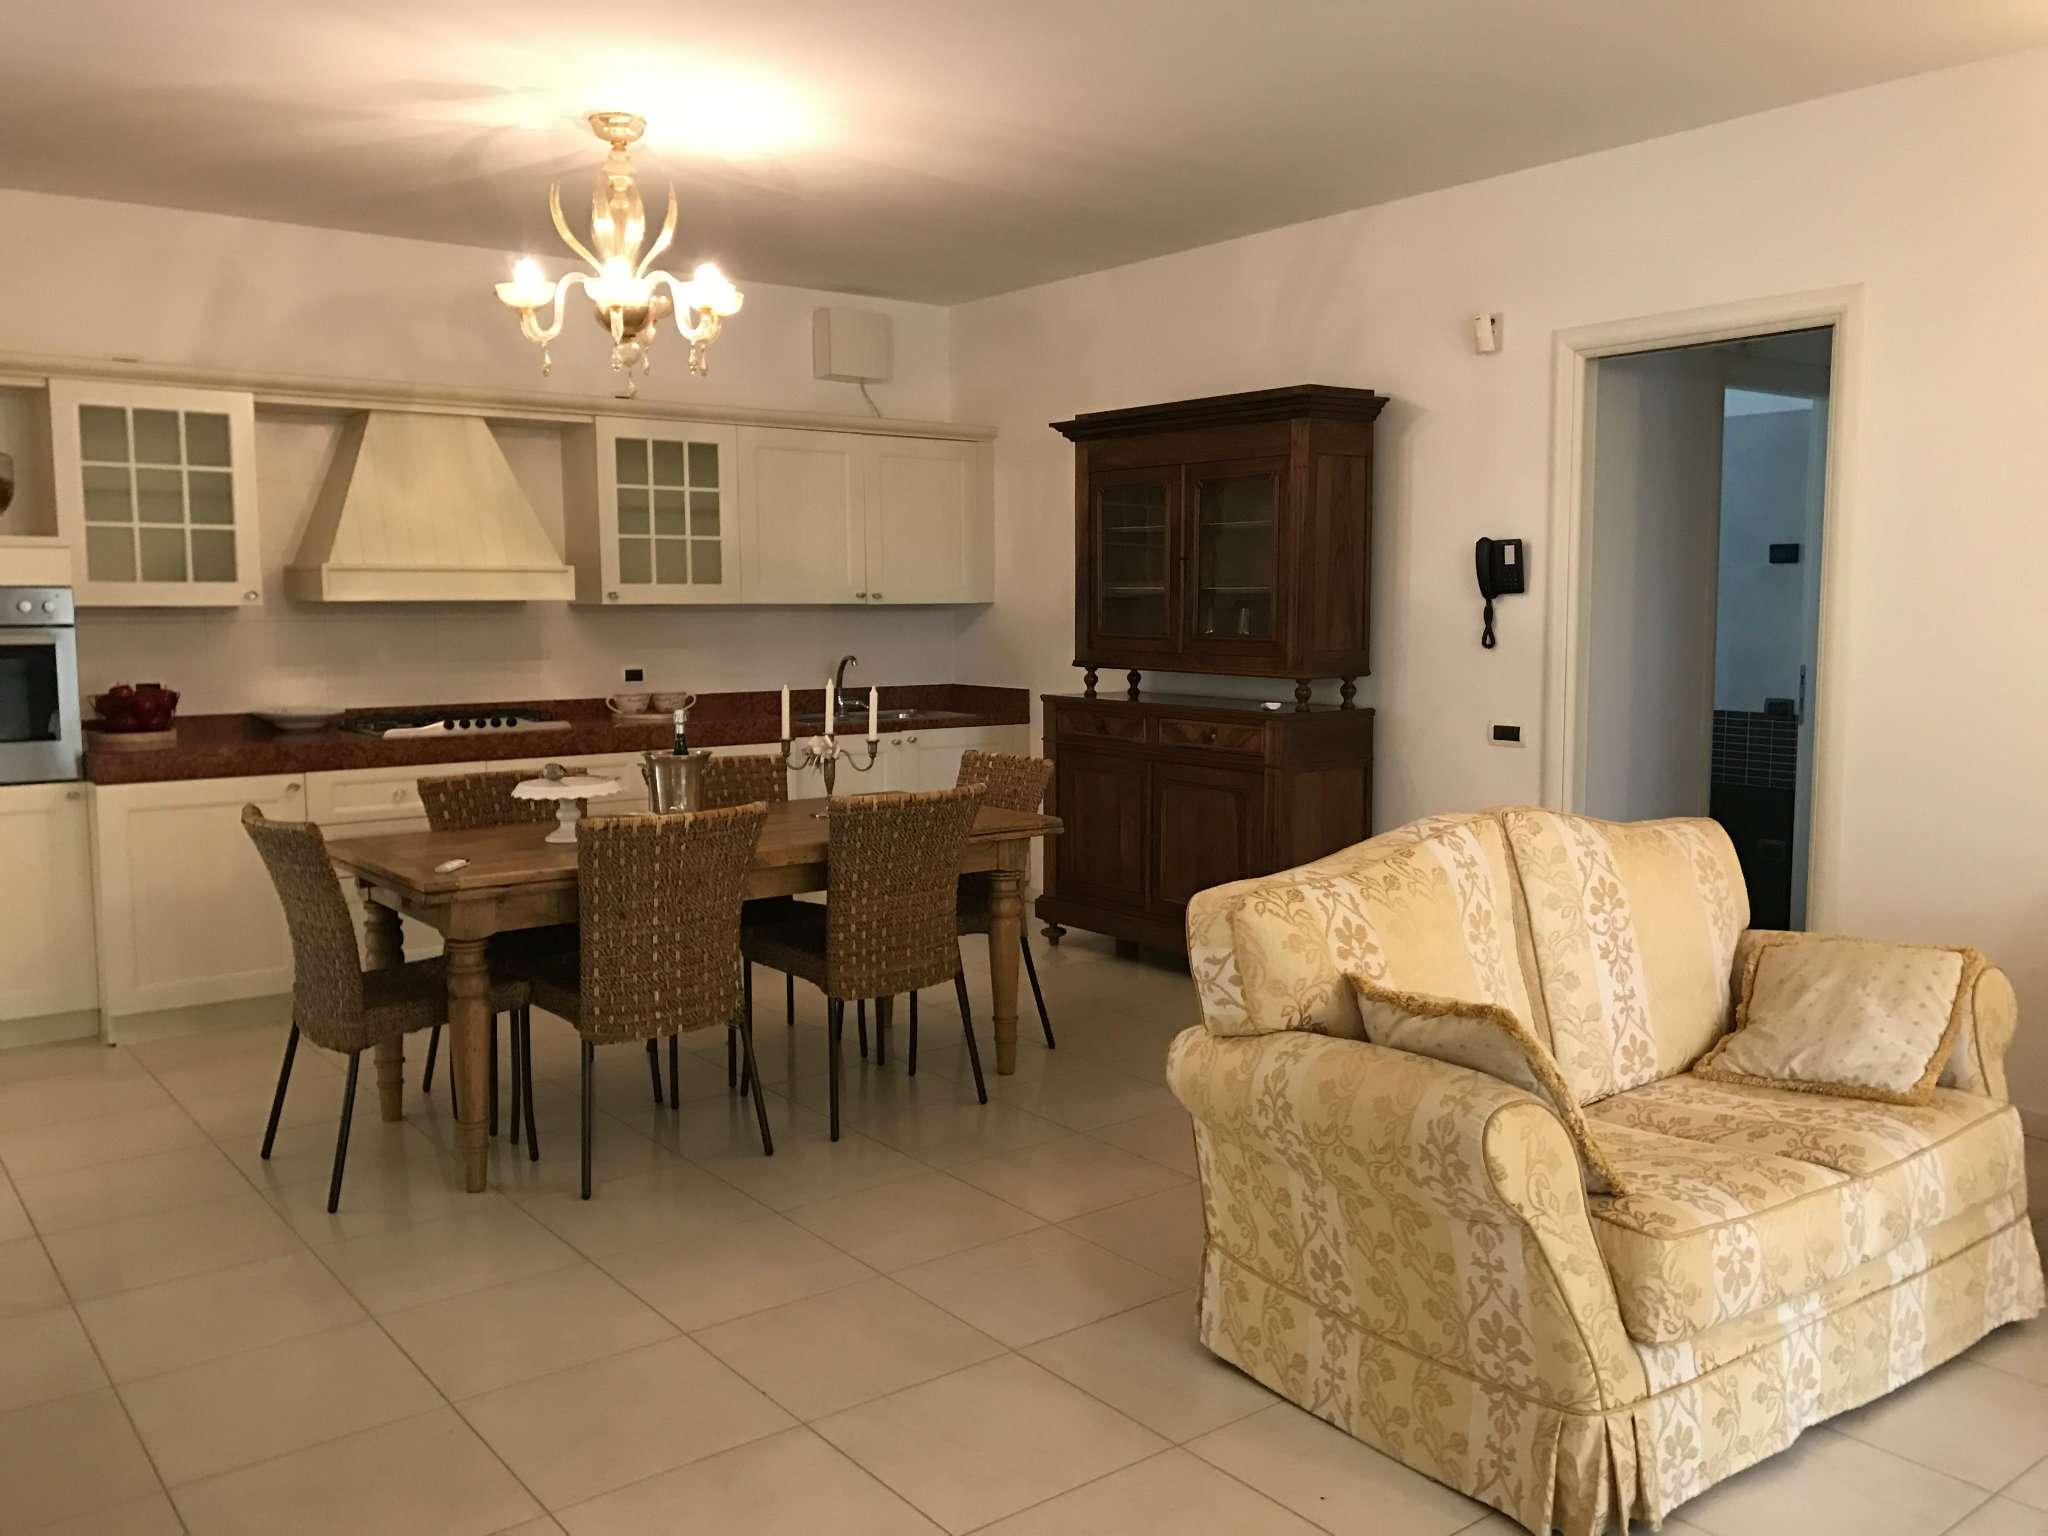 Appartamenti trilocali in vendita a mogliano veneto - Casa mogliano veneto ...